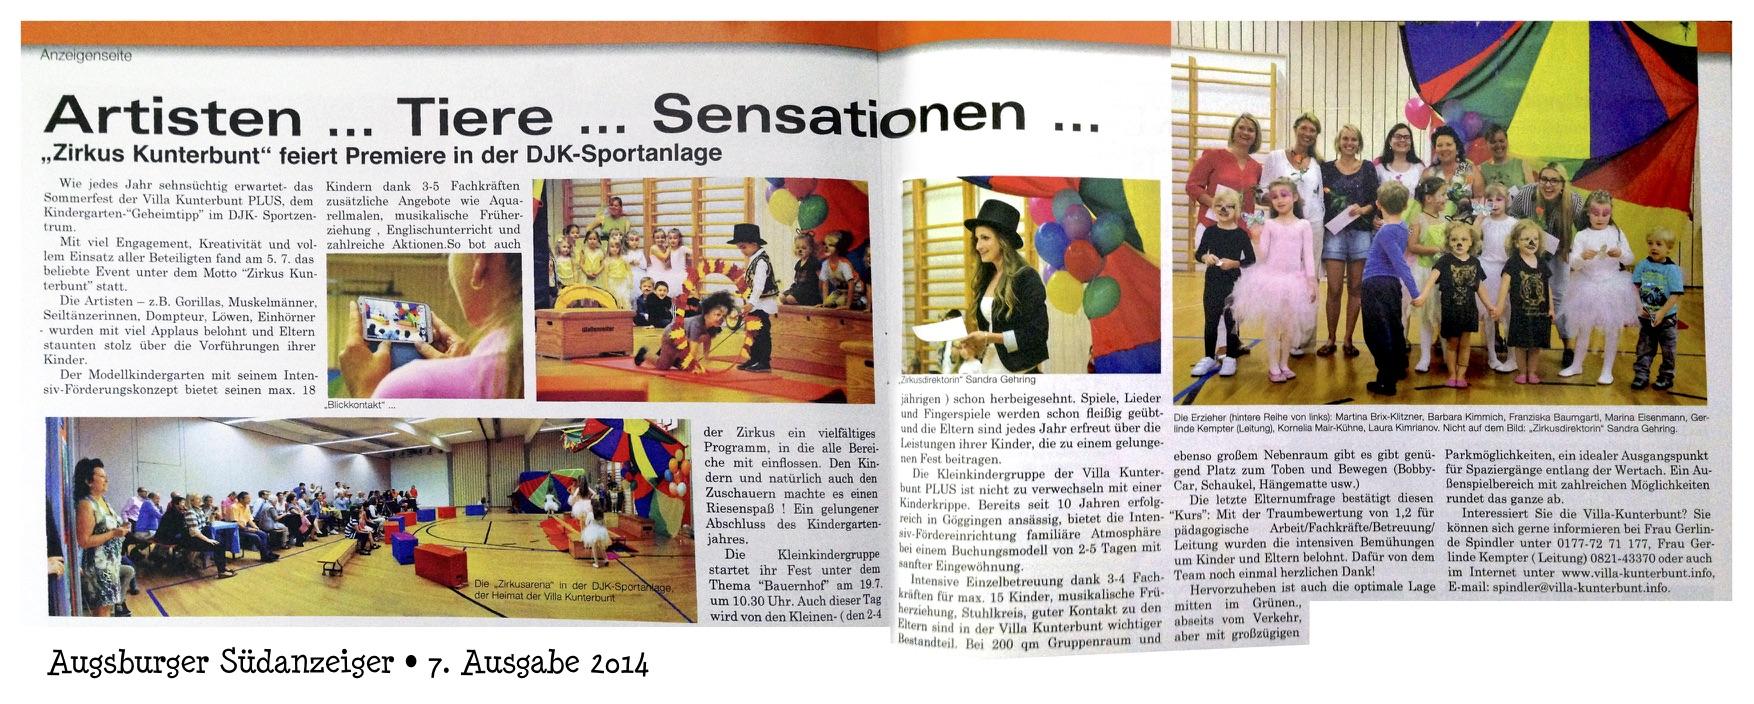 Kindergarten-Sommerfest der Villa Kunterbunt 2014